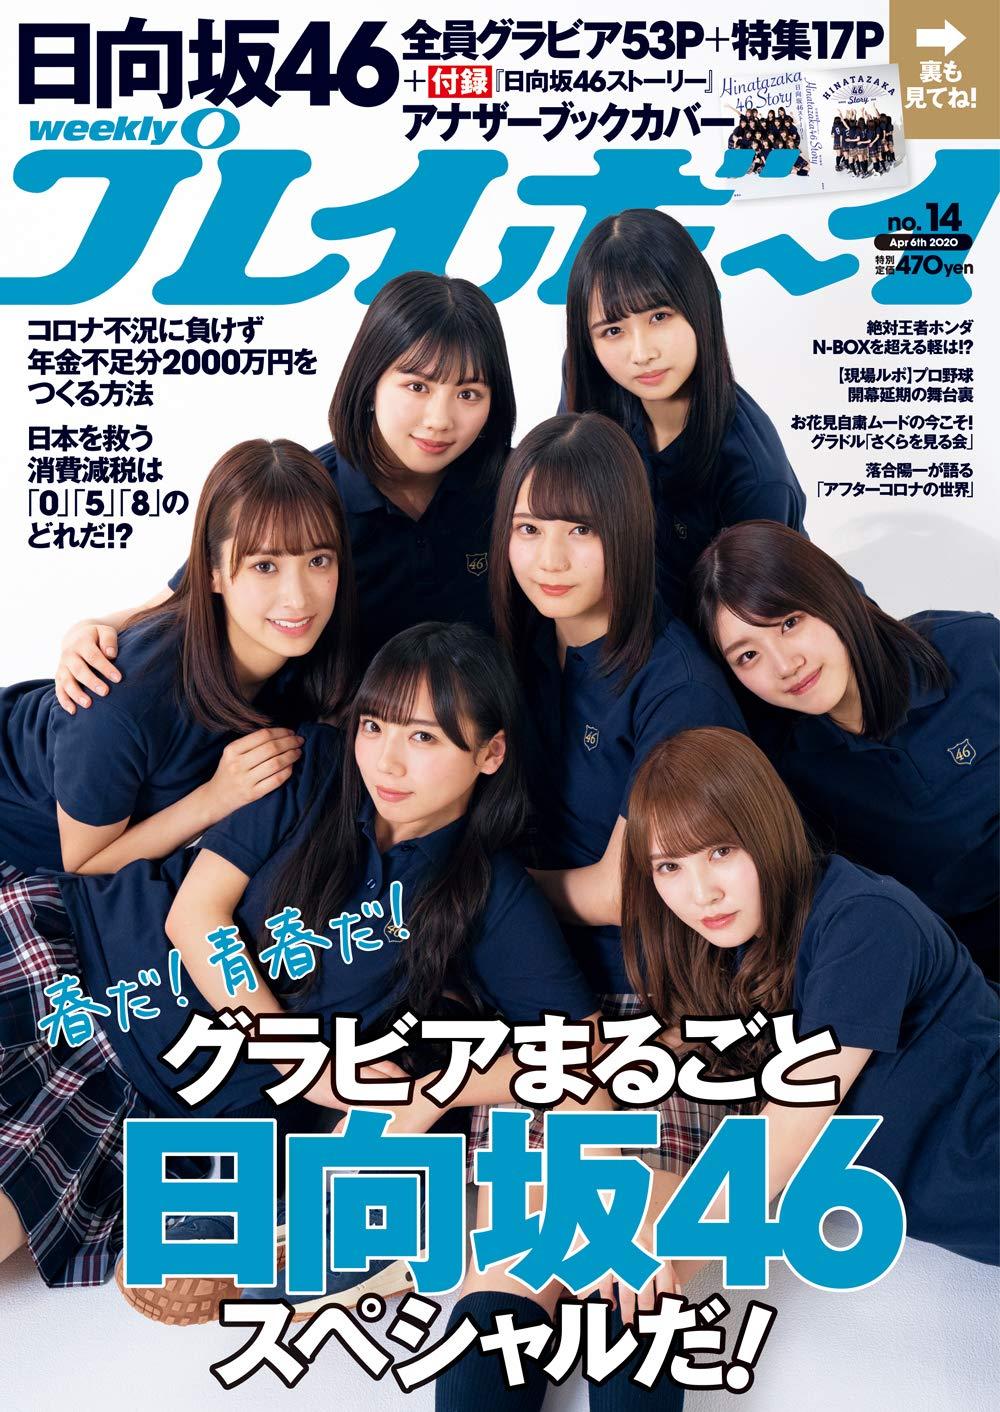 週刊プレイボーイ 2020年04月06日号 14号 日向坂46